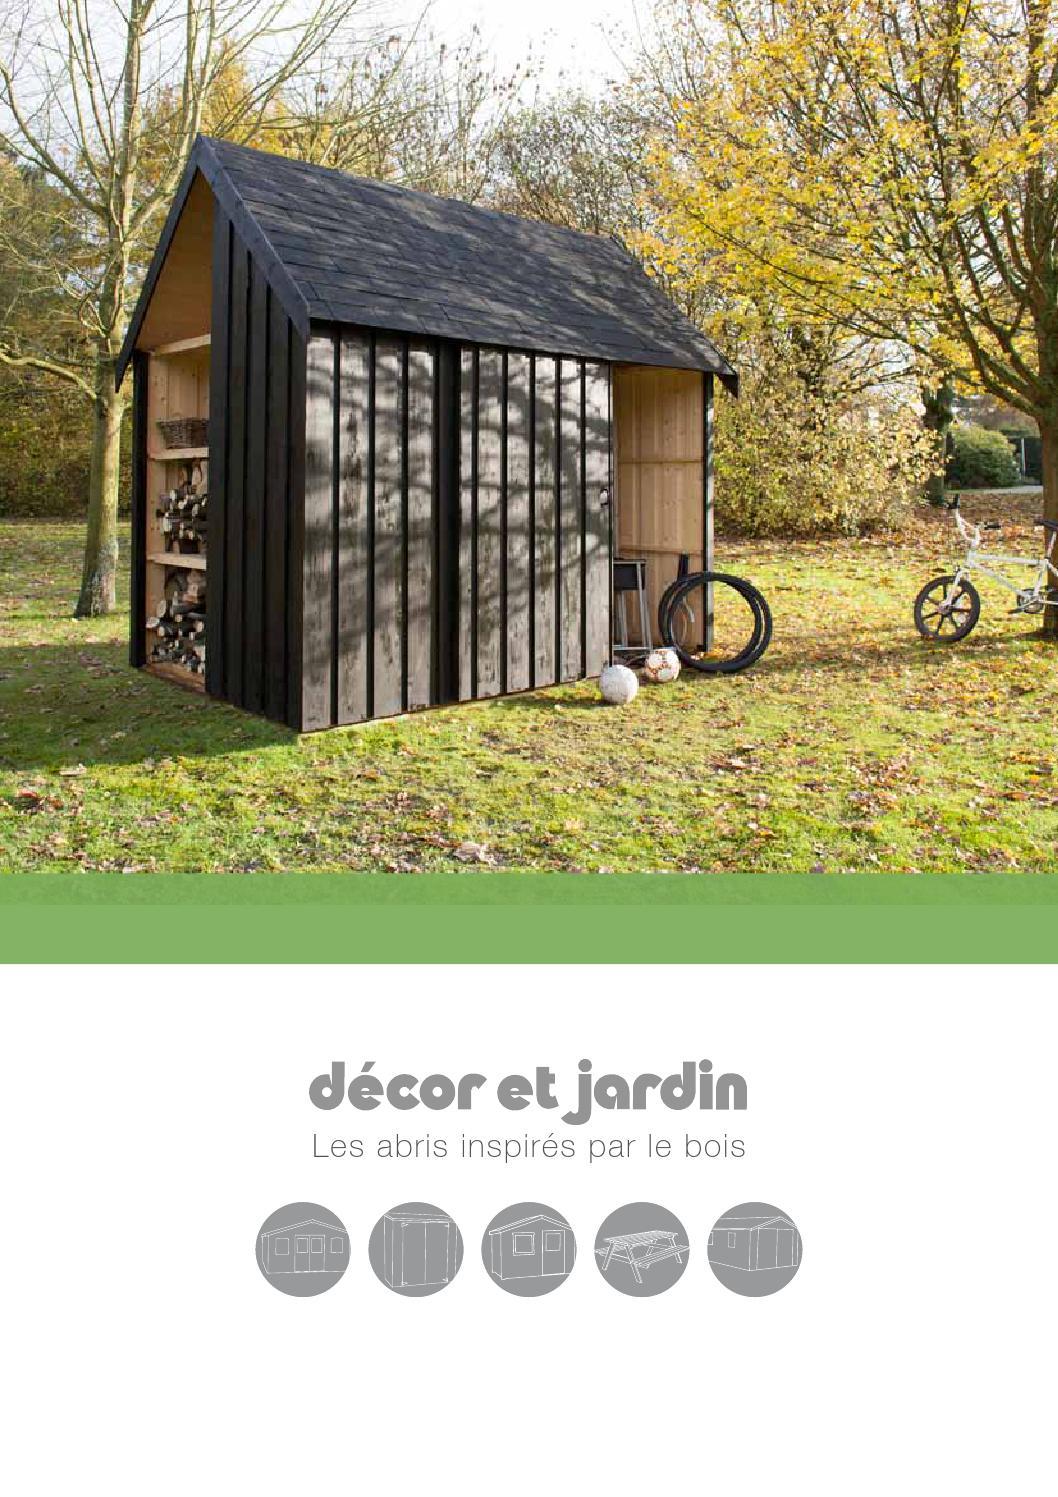 Décor Et Jardin - Catalogue 2014 By Cras Woodgroup - Issuu intérieur Decor Et Jardin Abri Modules 12 Mm